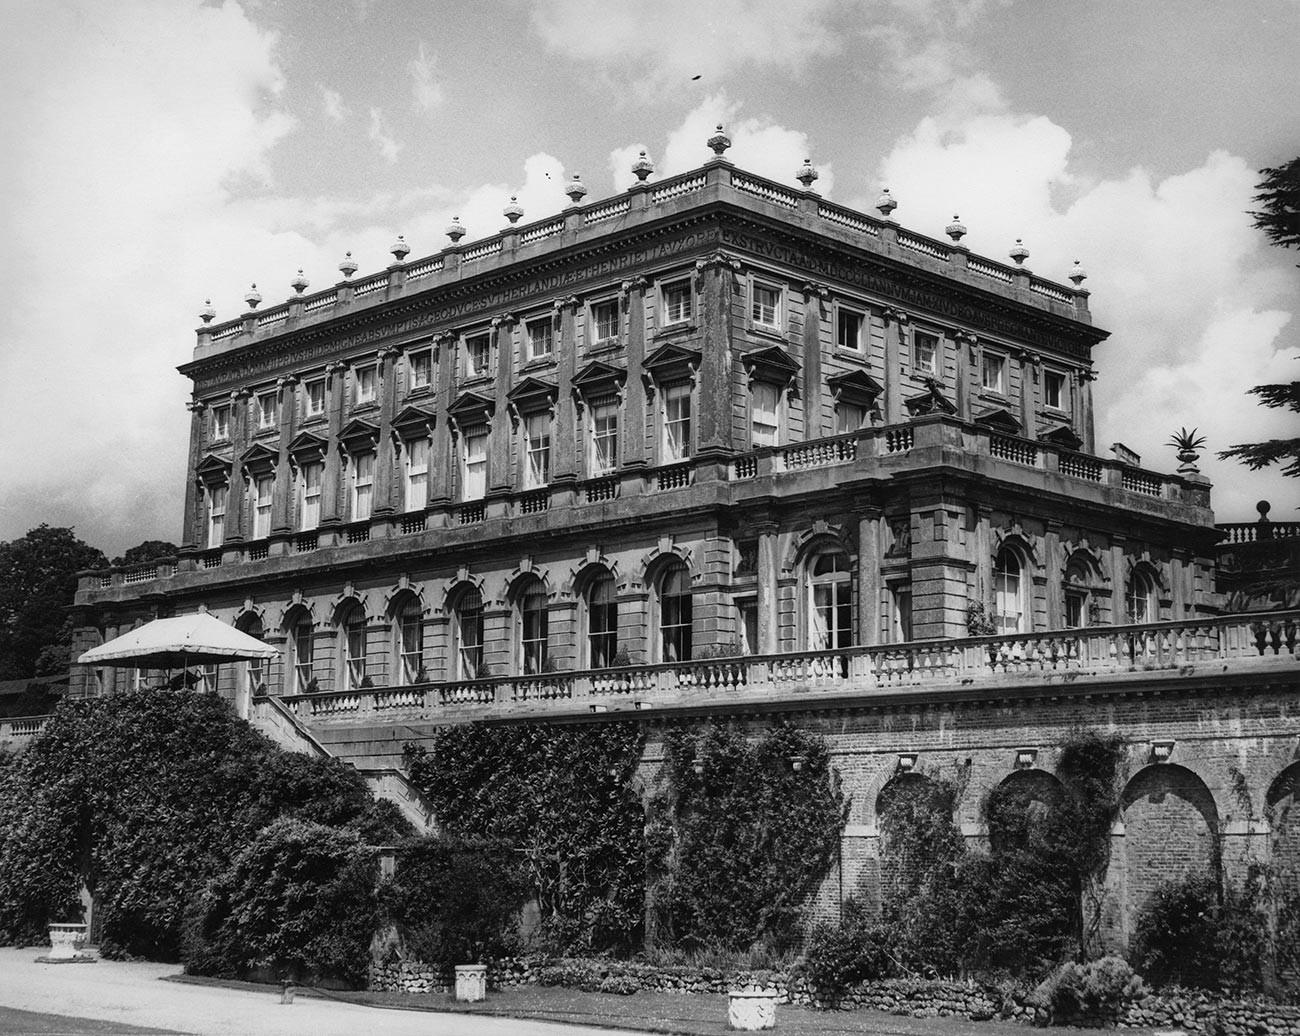 Кливден, вила лорда Астора у Бакингемширу, 28. јун 1963. Ту је на приватној забави Кристина Килер први пут представљена британском министру одбране Џону Профуму.